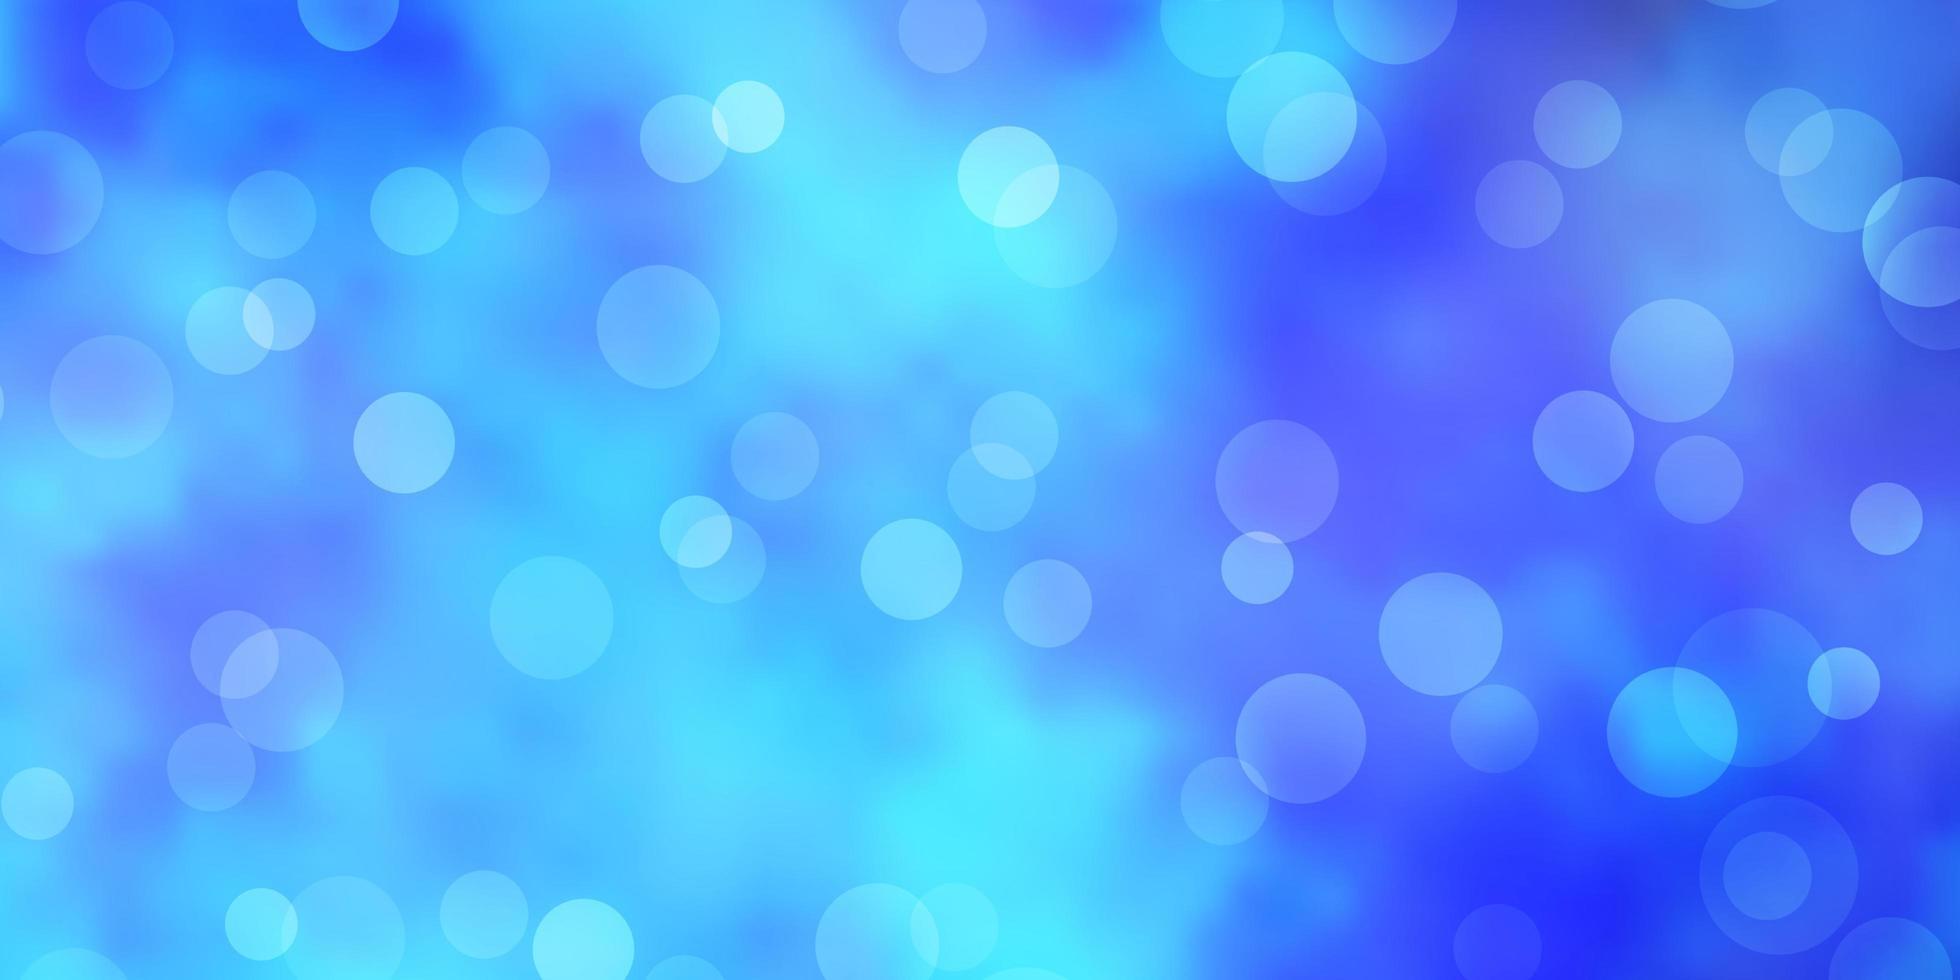 fundo azul claro com bolhas. vetor